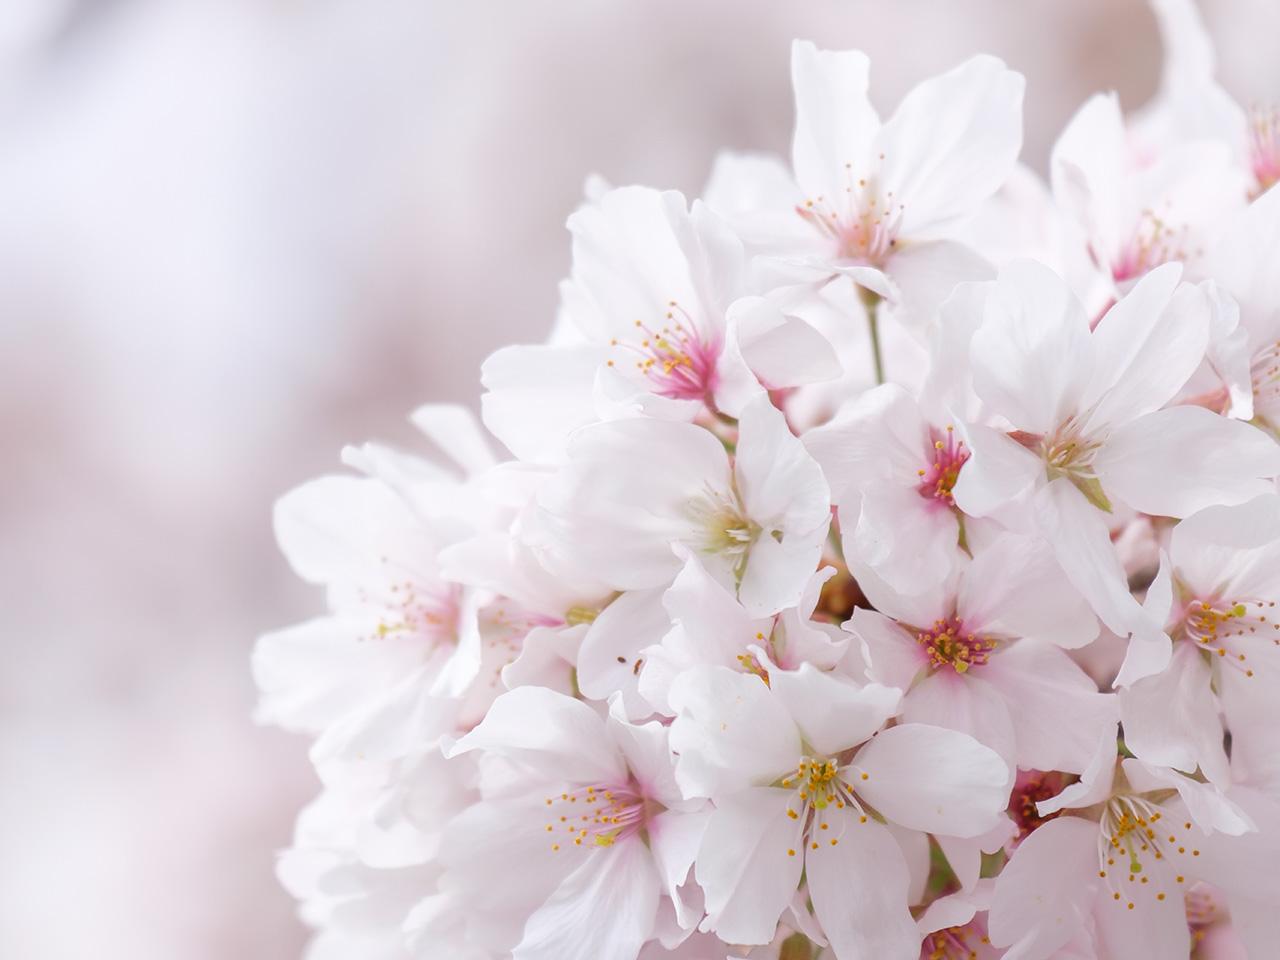 桜(さくら)の写真(フリー素材)